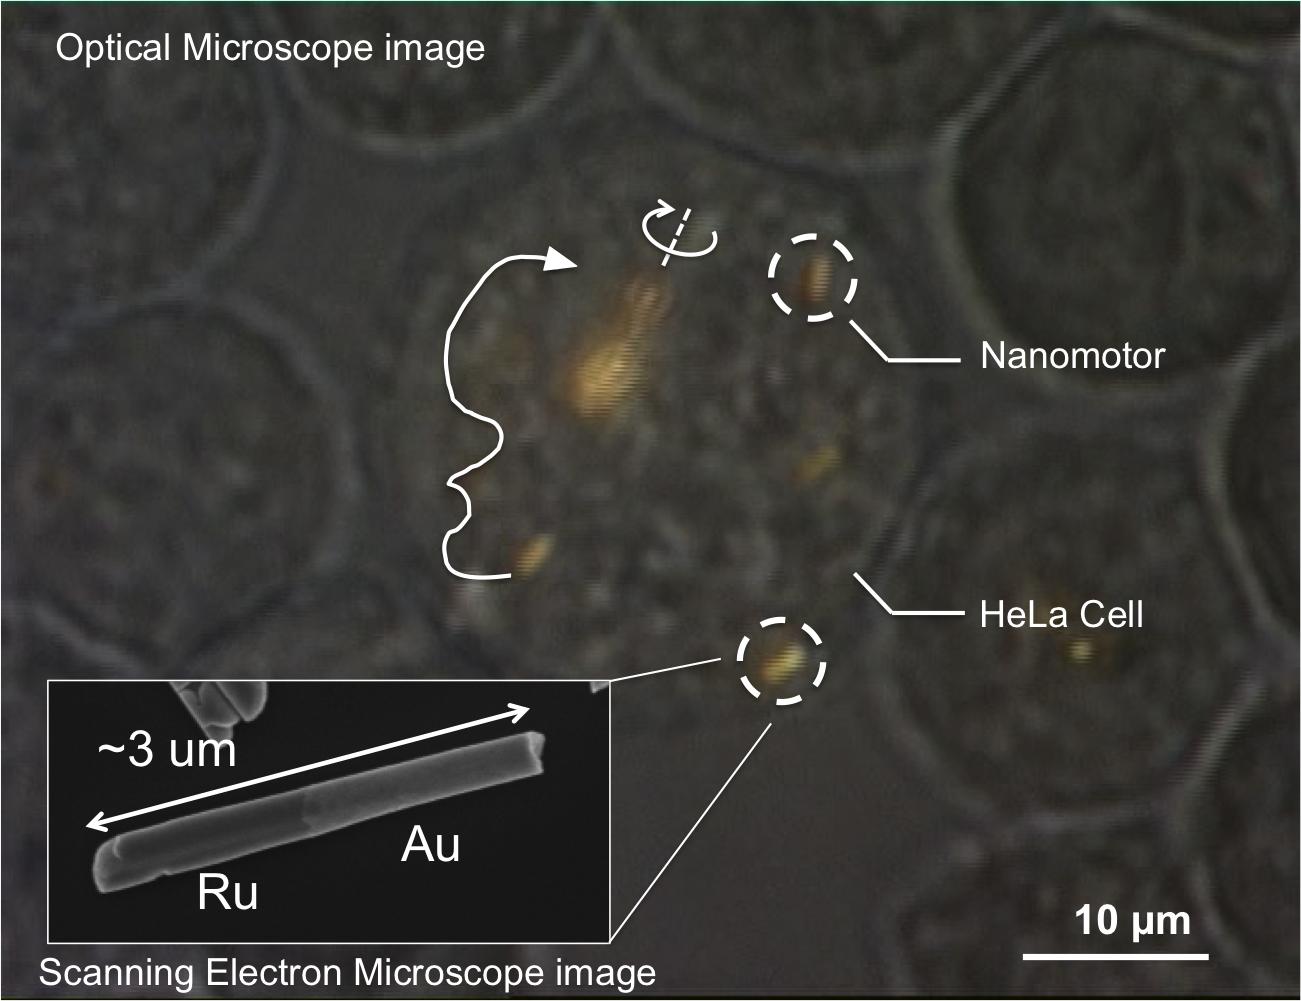 史上首次:科學家在細胞內操控奈米電動機